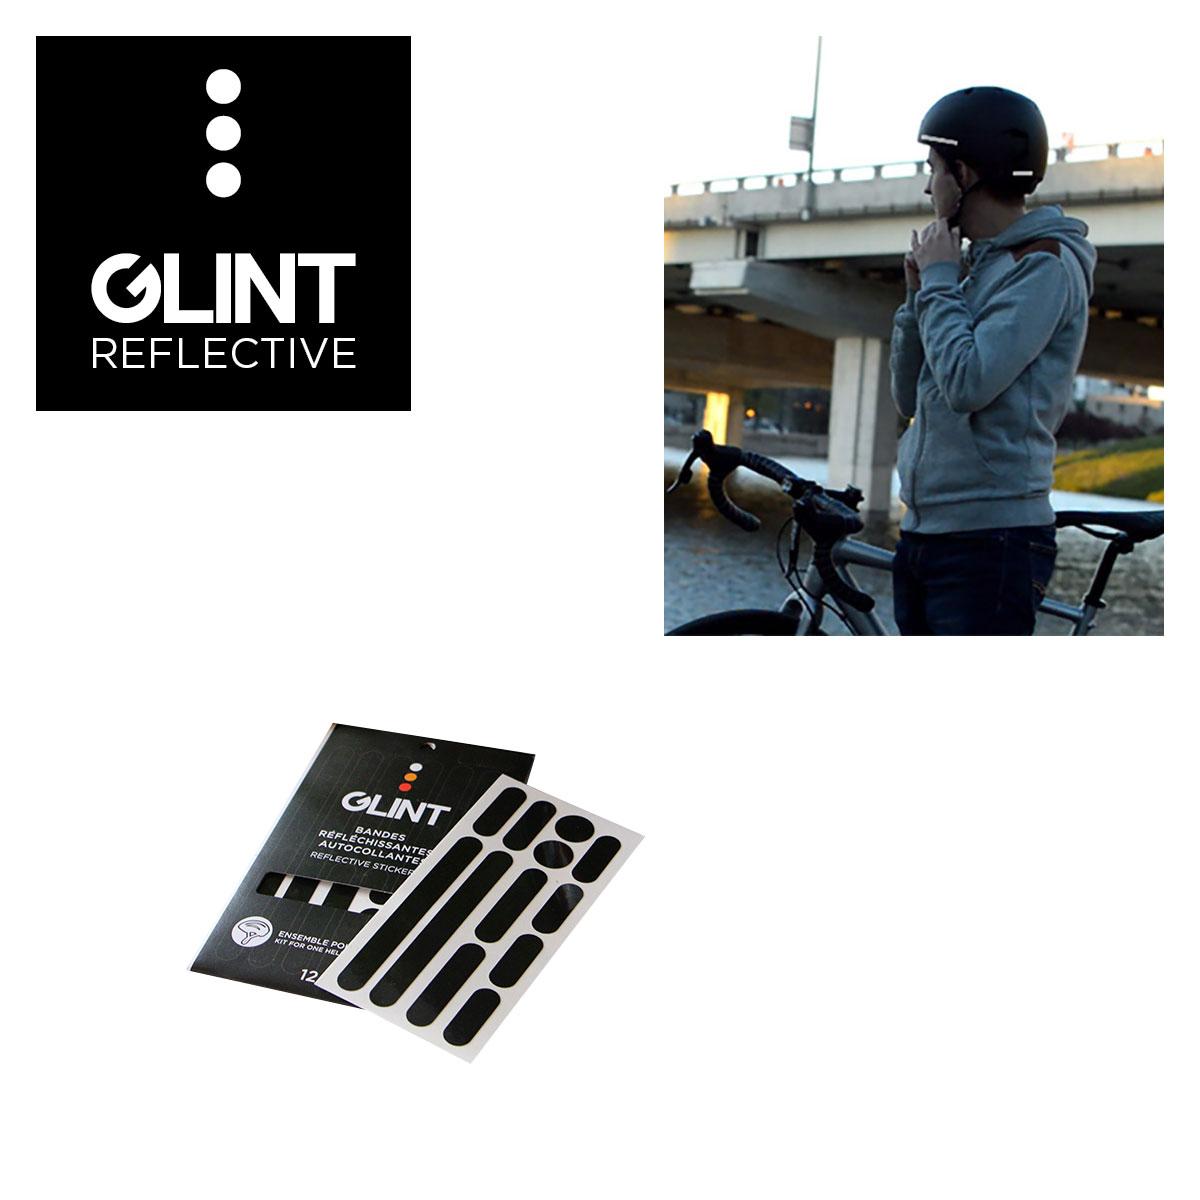 ENSEMBLE DE COLLANTS REFLECHISSANTS POUR CASQUE GLINT REFLECTIVE NOIR